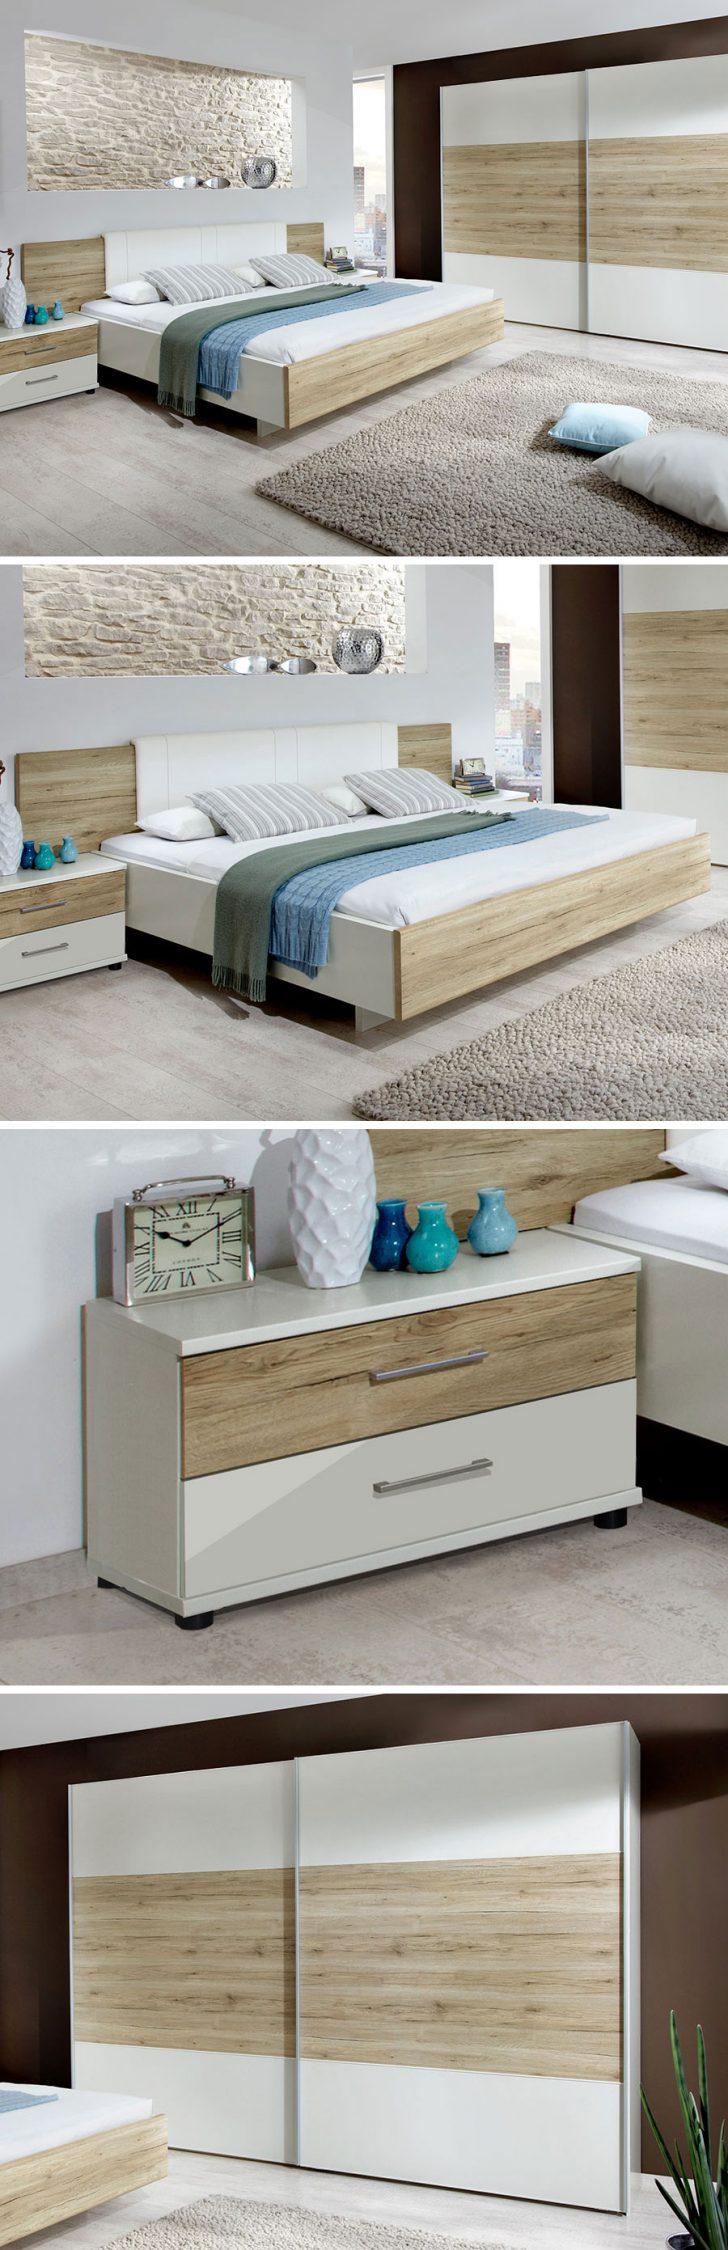 Medium Size of Lippstadt Bewertung Betten Pin Von Bettende Auf Skandinavian Design Komplettes Bett Www.betten.de